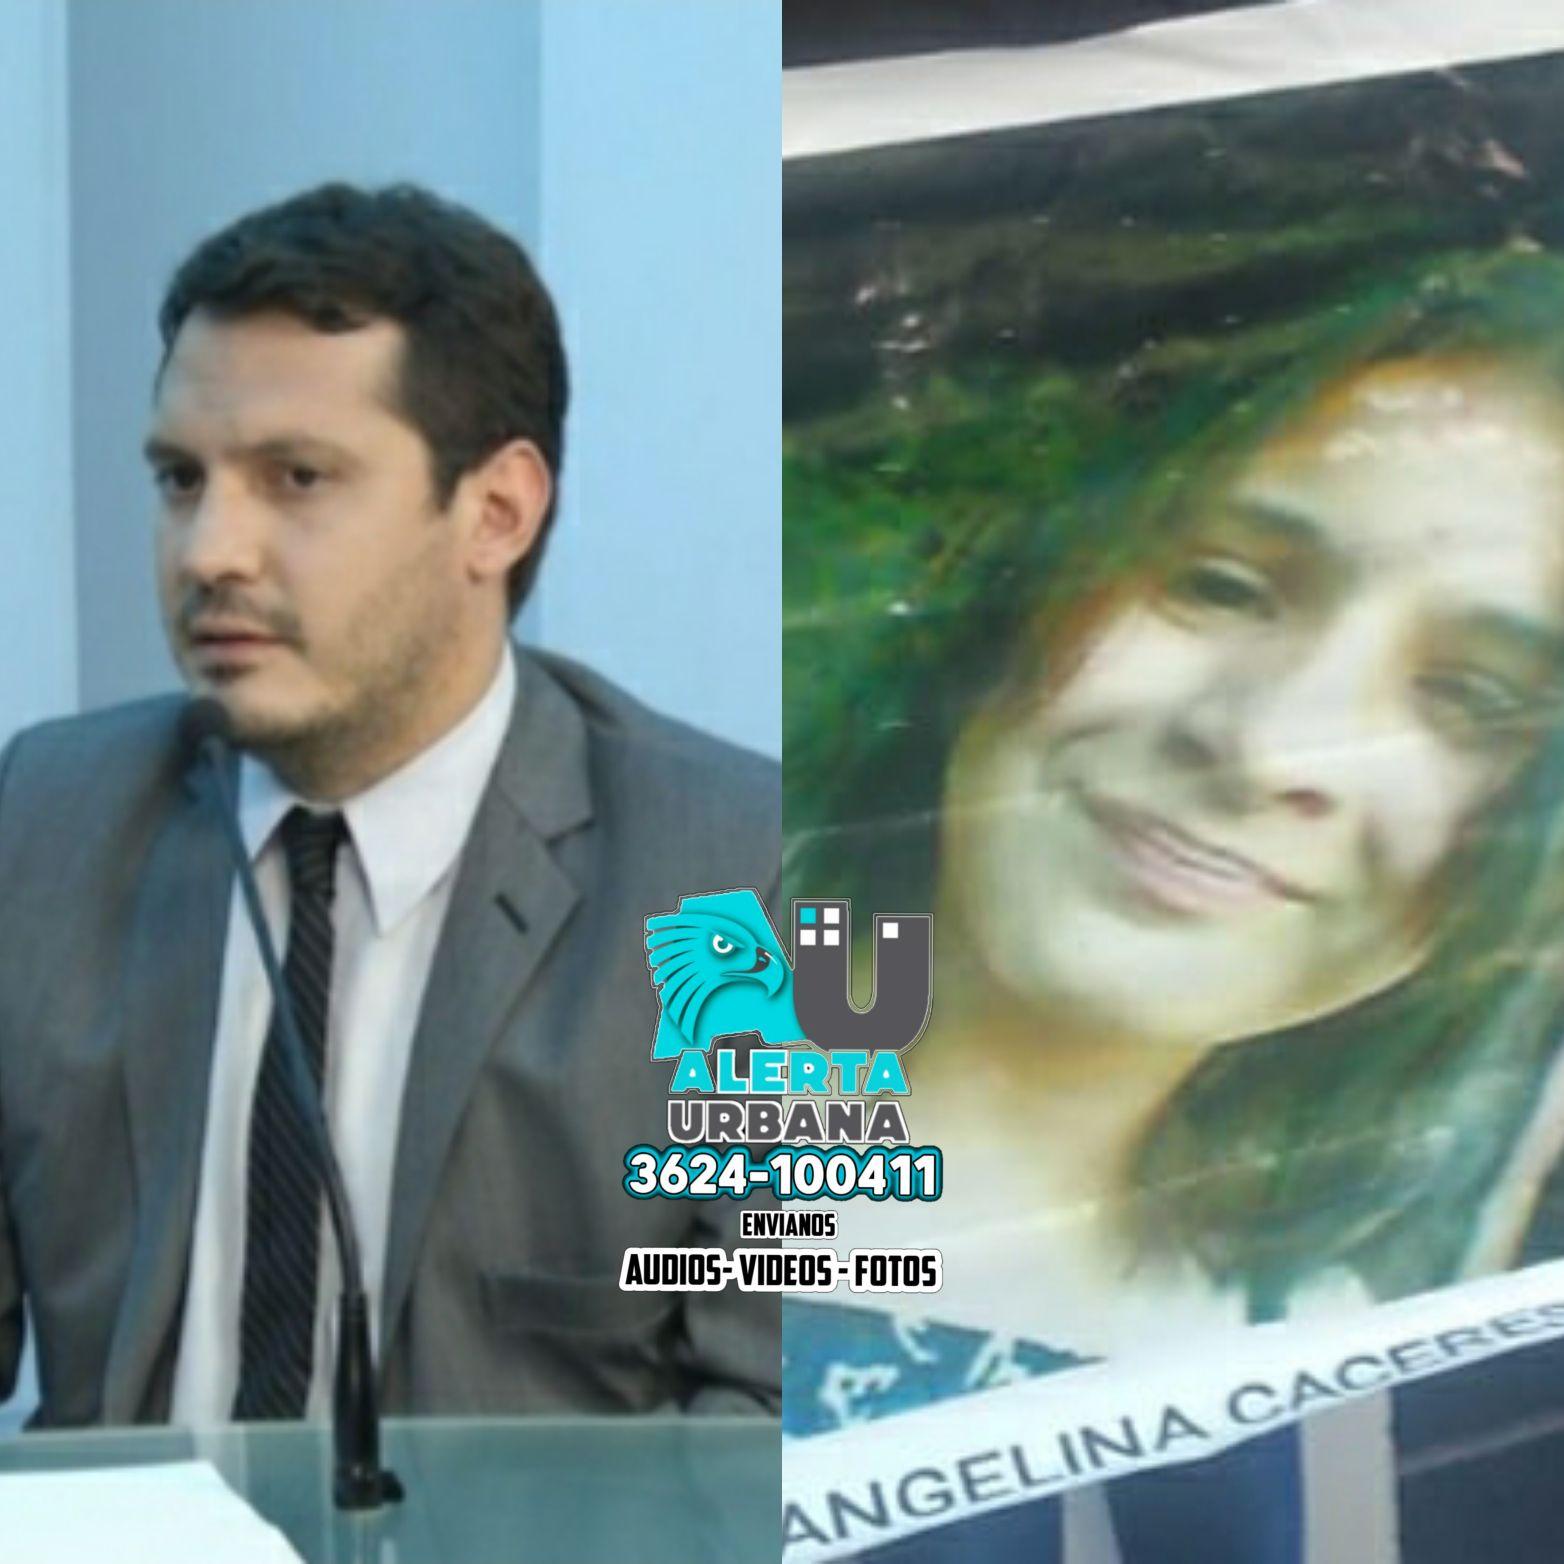 Caso Angelina Cáceres: pedíamos una condena por femicidio